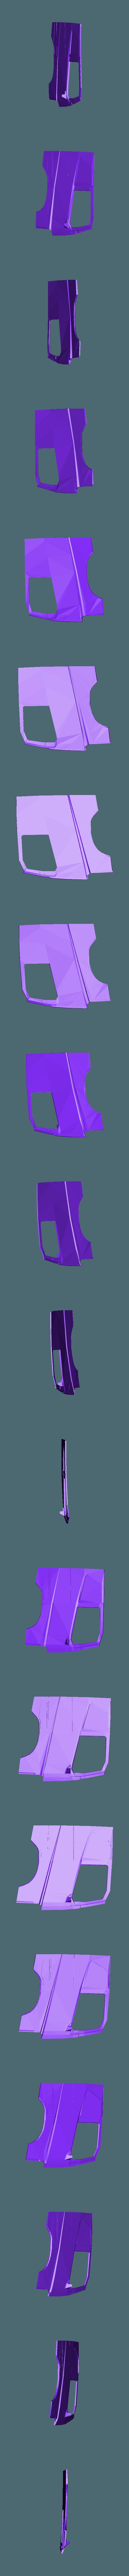 panneau_D.stl Télécharger fichier STL gratuit rc truck 1/14 FH body • Objet à imprimer en 3D, r083726